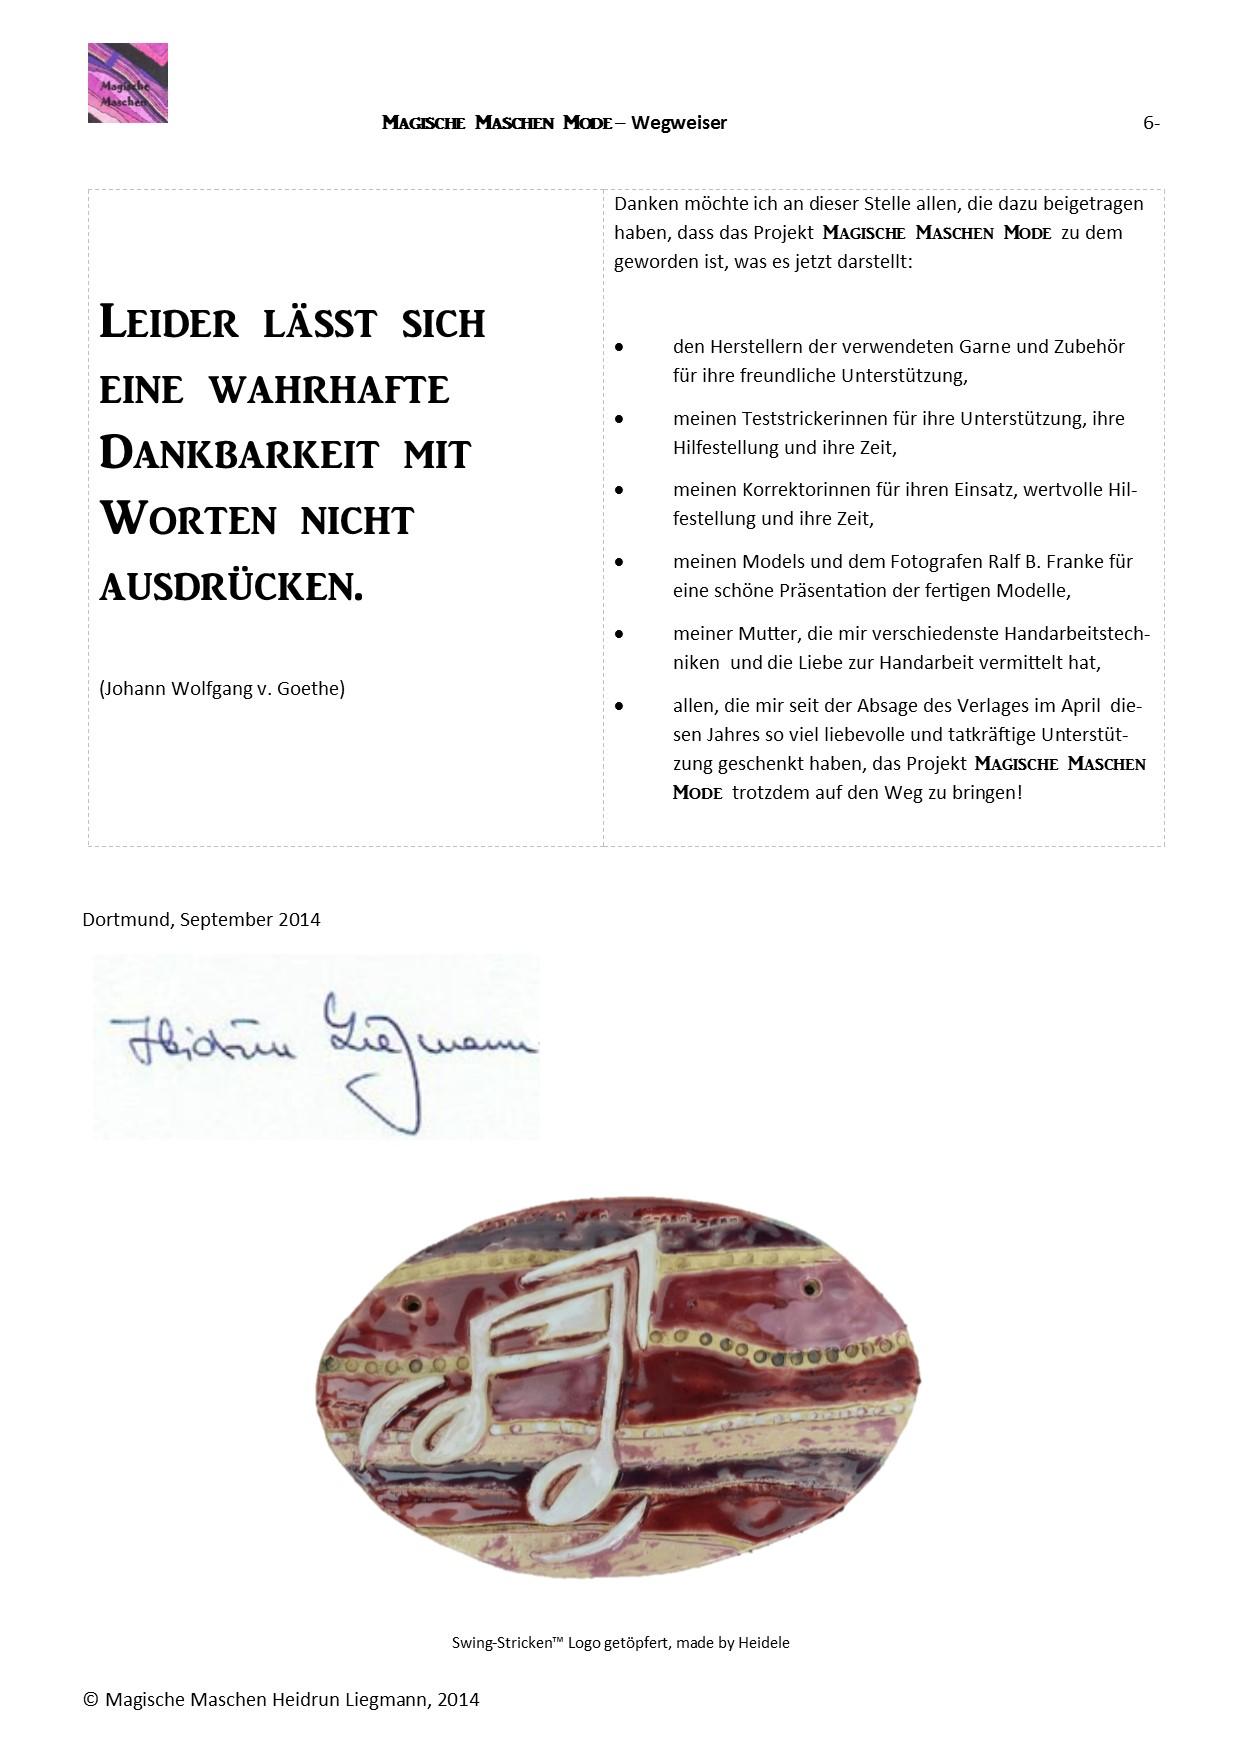 DE_Vorwort_und_Wegweiser 140924-6